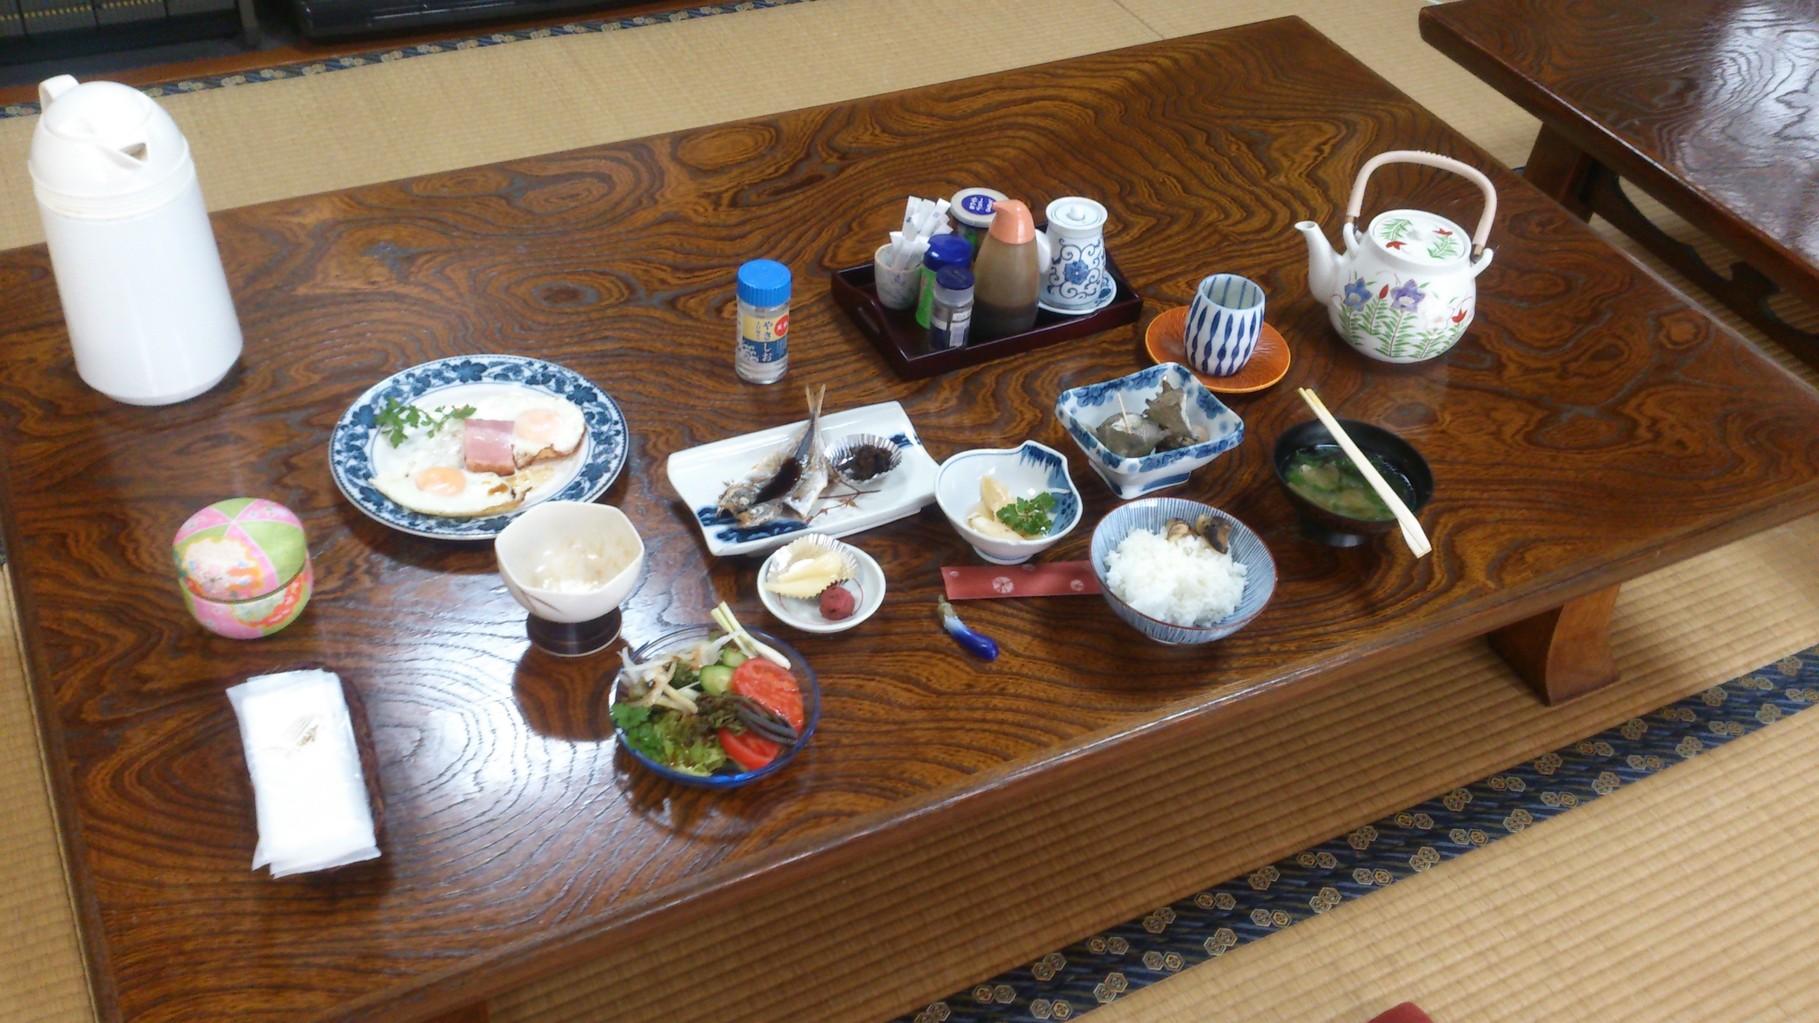 畳敷食事へやでサザエ付の贅沢な朝食